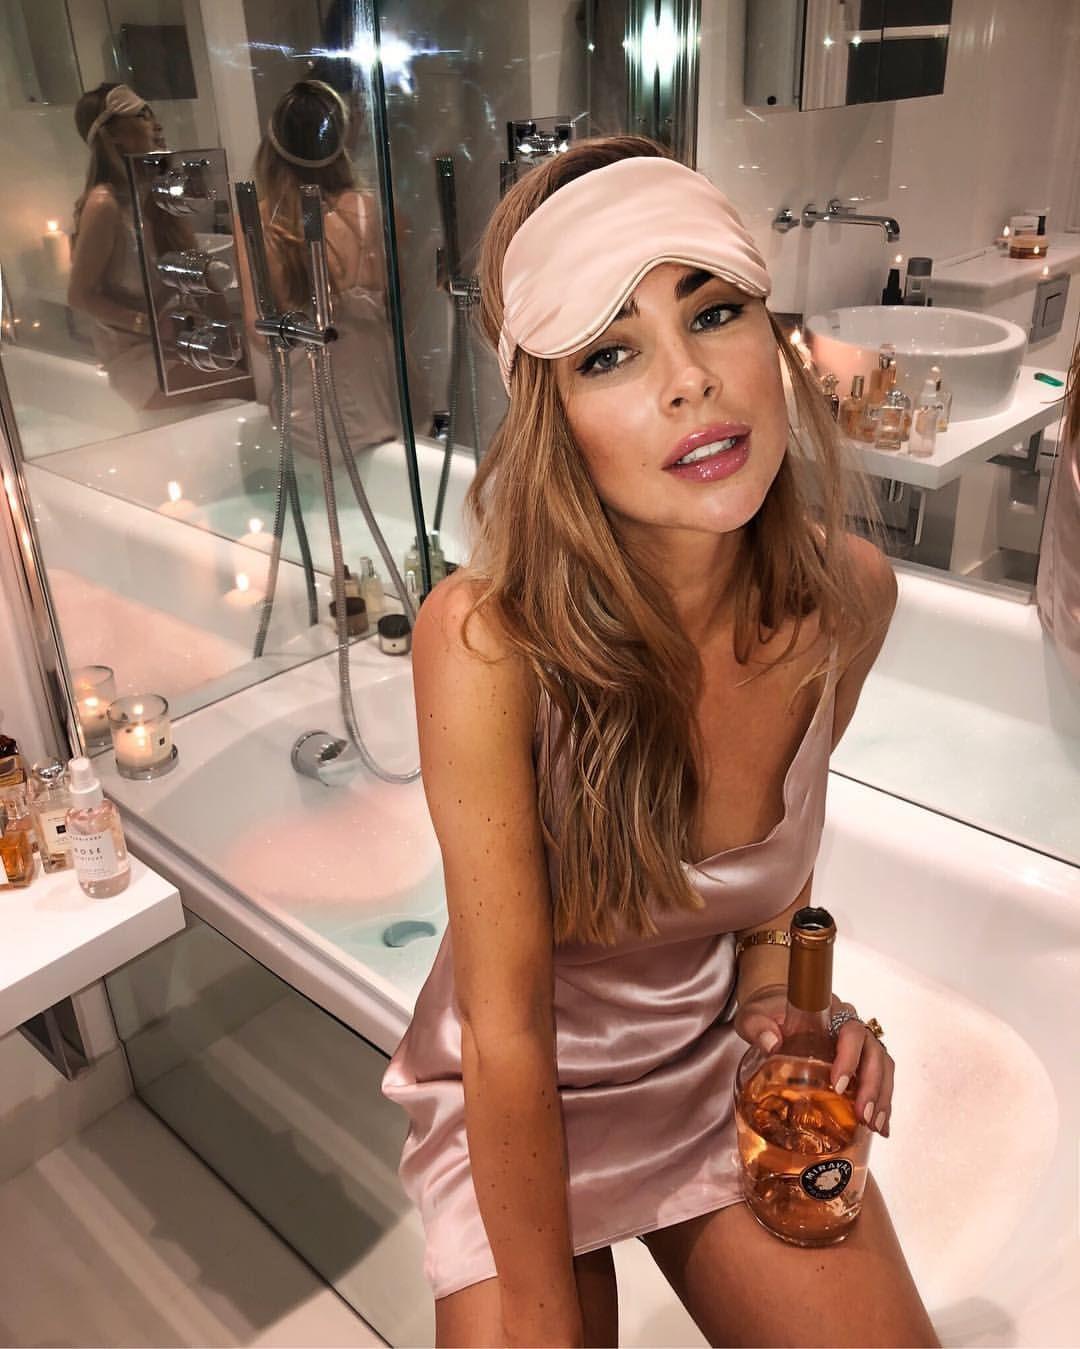 Boobs Johanna Emma Olsson nude photos 2019